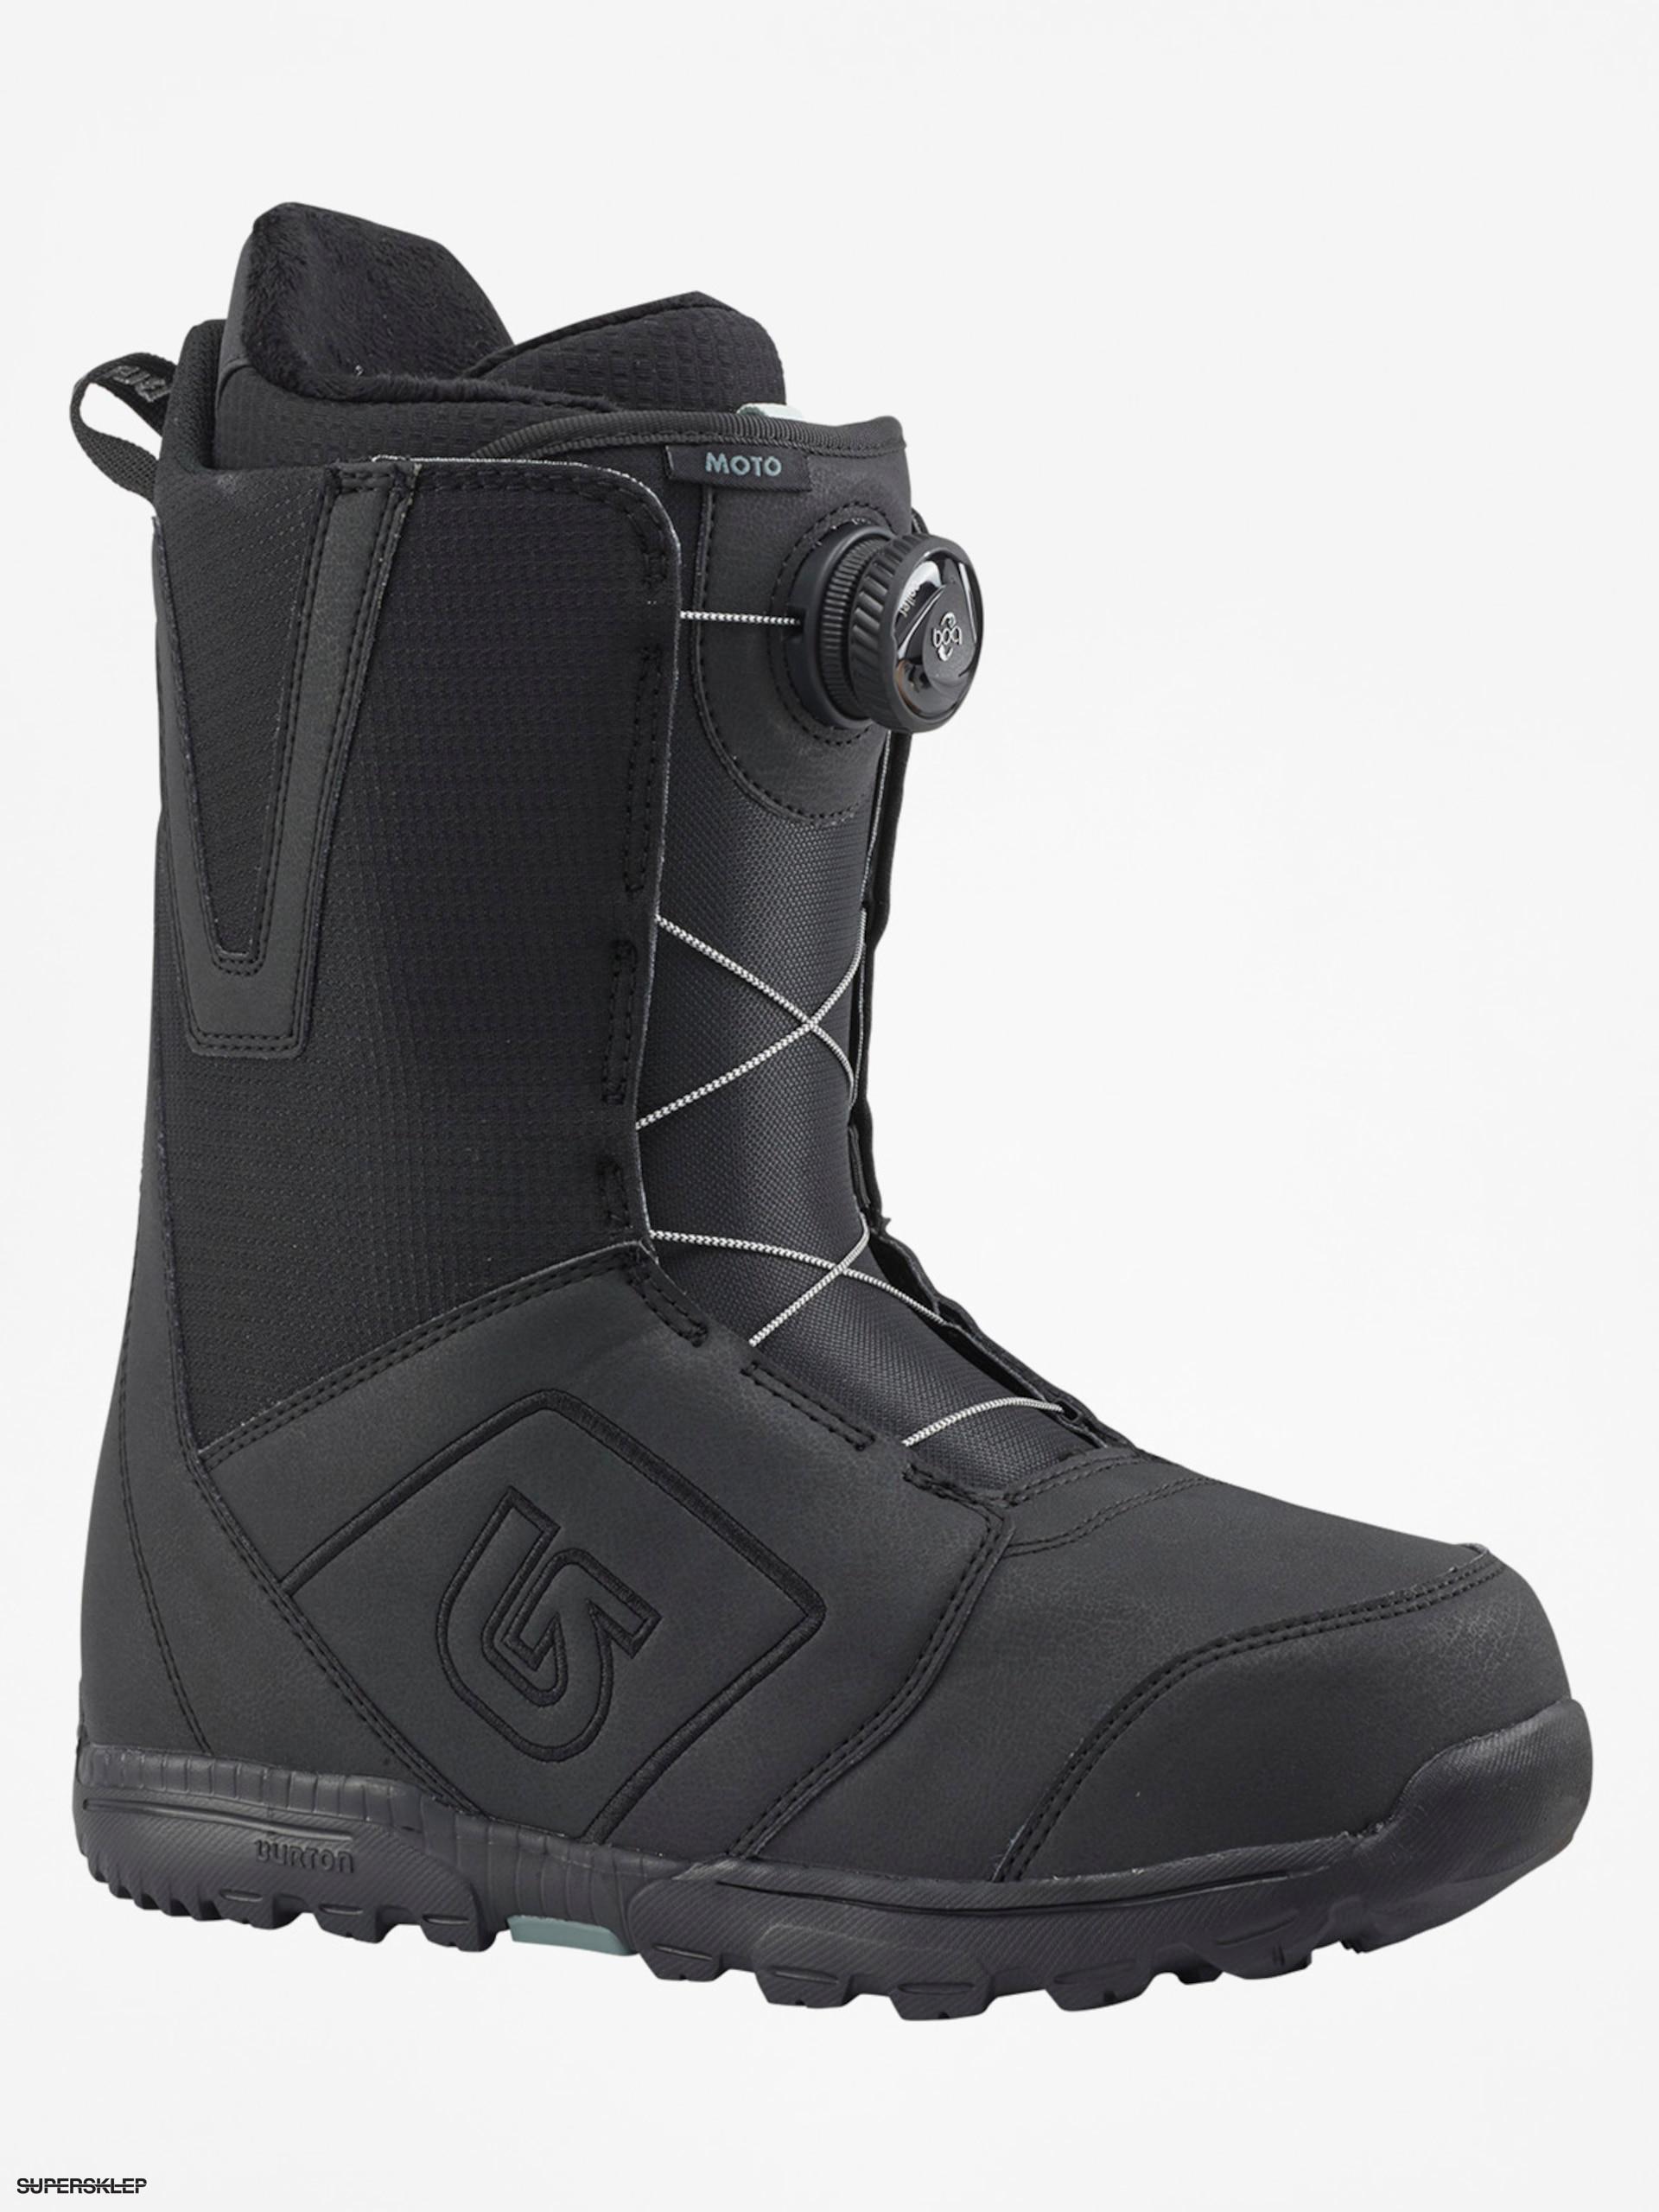 b2de235040f0 Obuv na snowboard Burton Moto Boa (black)